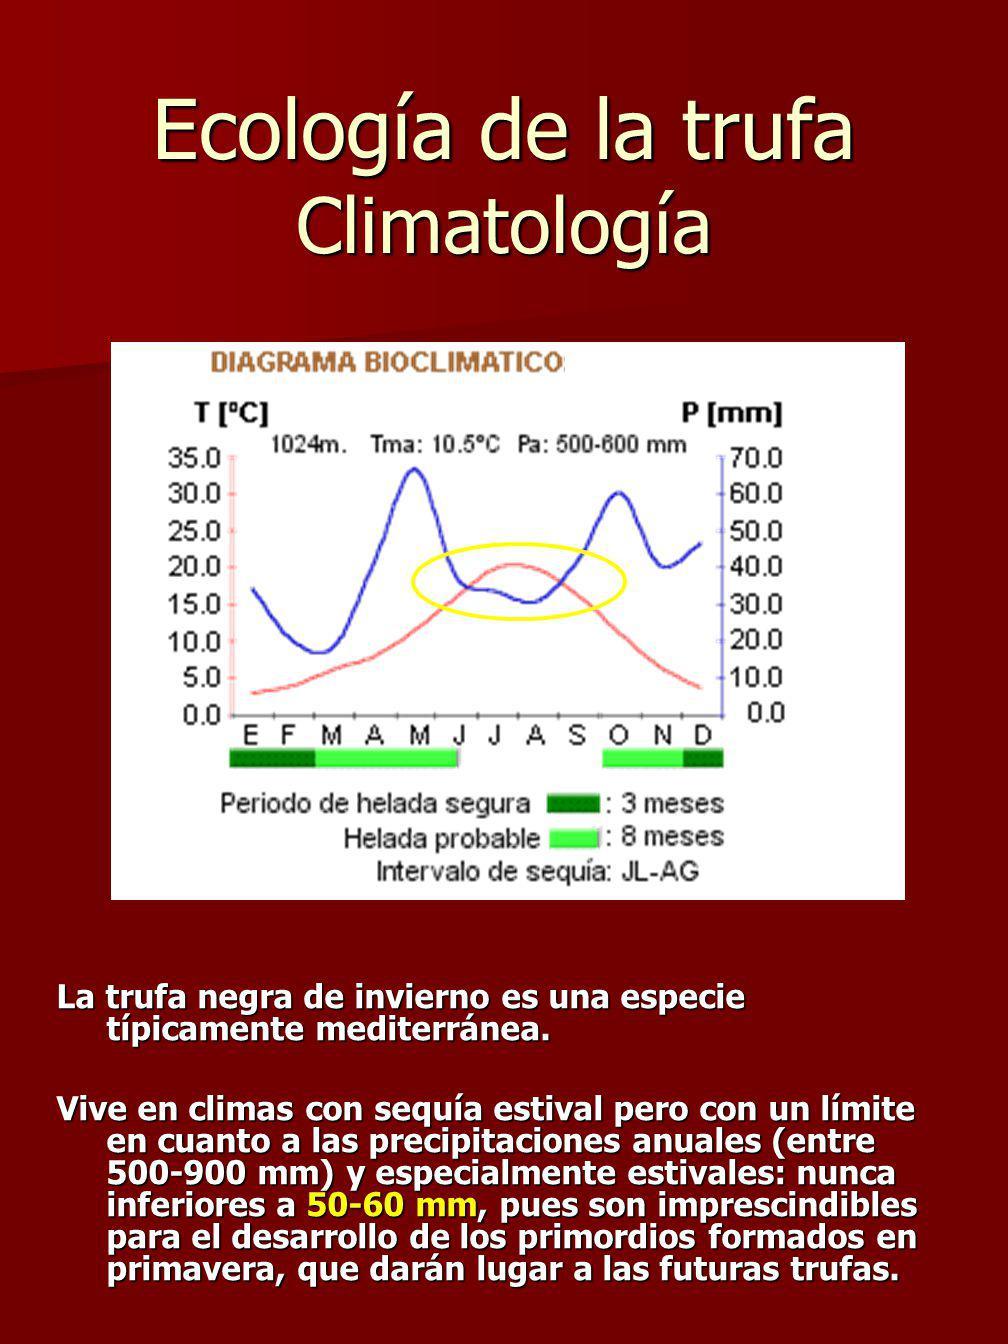 Ecología de la trufa Climatología